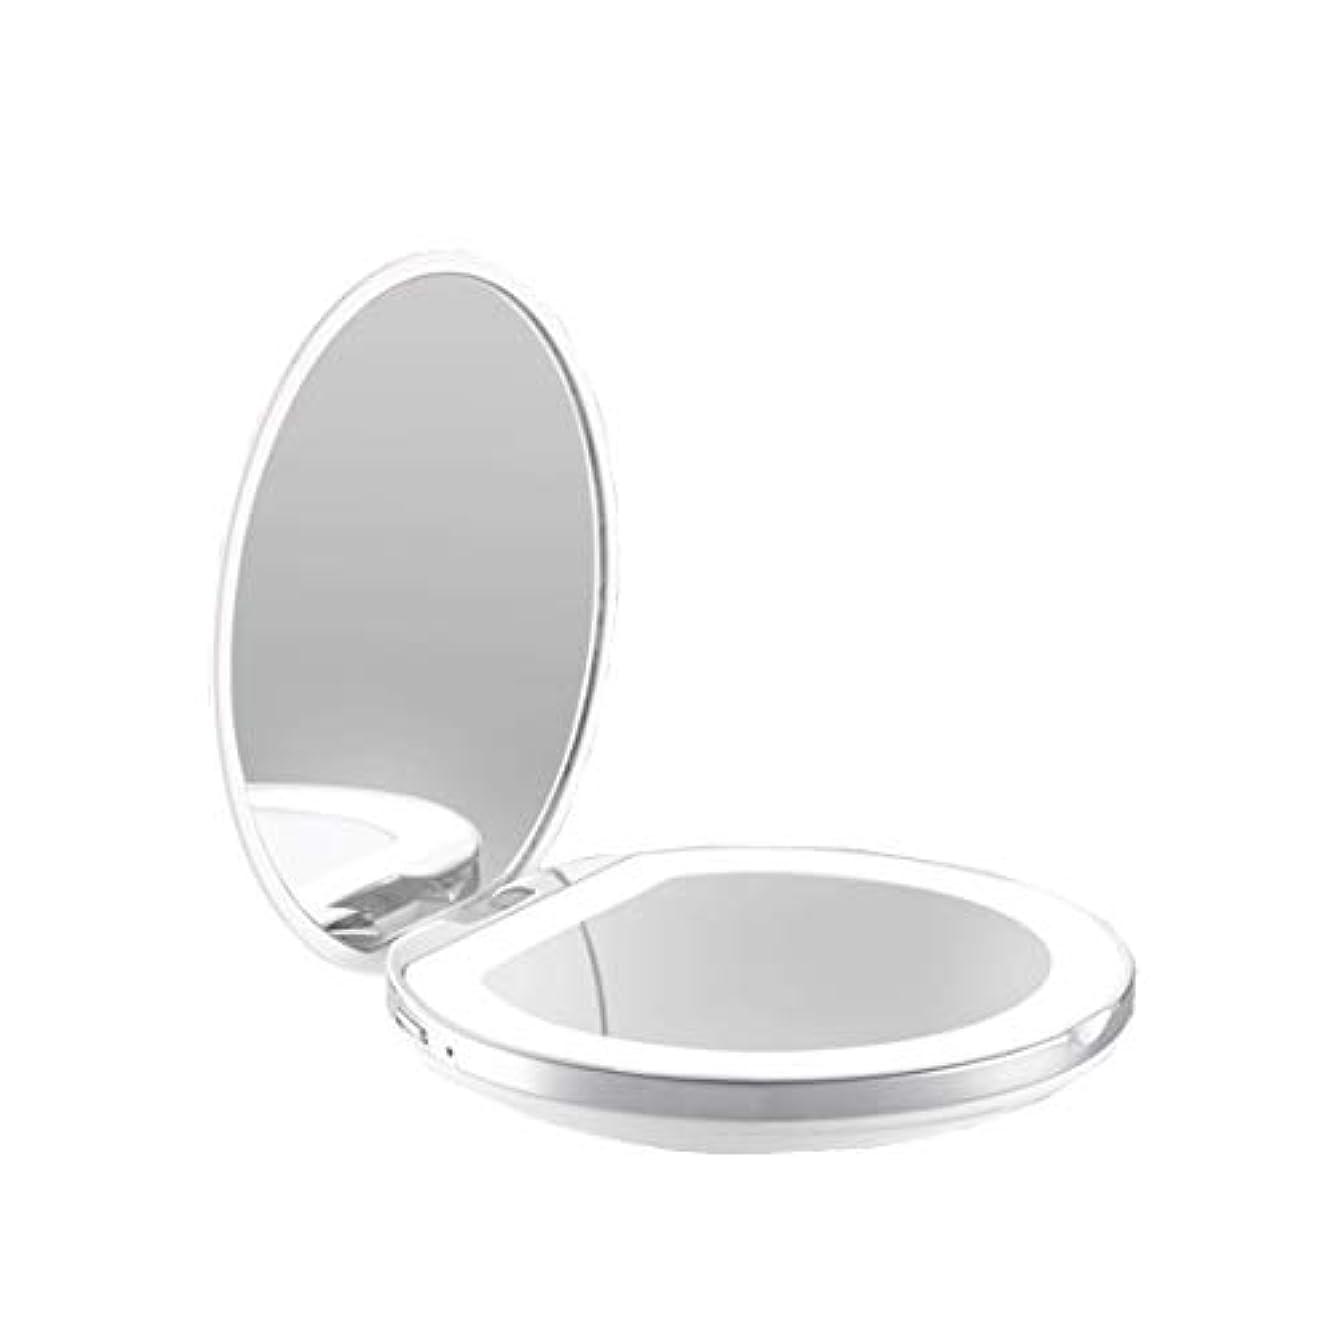 庭園土契約した手鏡 両面鏡 ライト付きミラー 女優ミラー 3倍拡大鏡付き お姫様 ミラー おしゃれ 卓上 LEDライト 化粧鏡 コンパクト 折り畳み式 スタンドミラー 角度調整